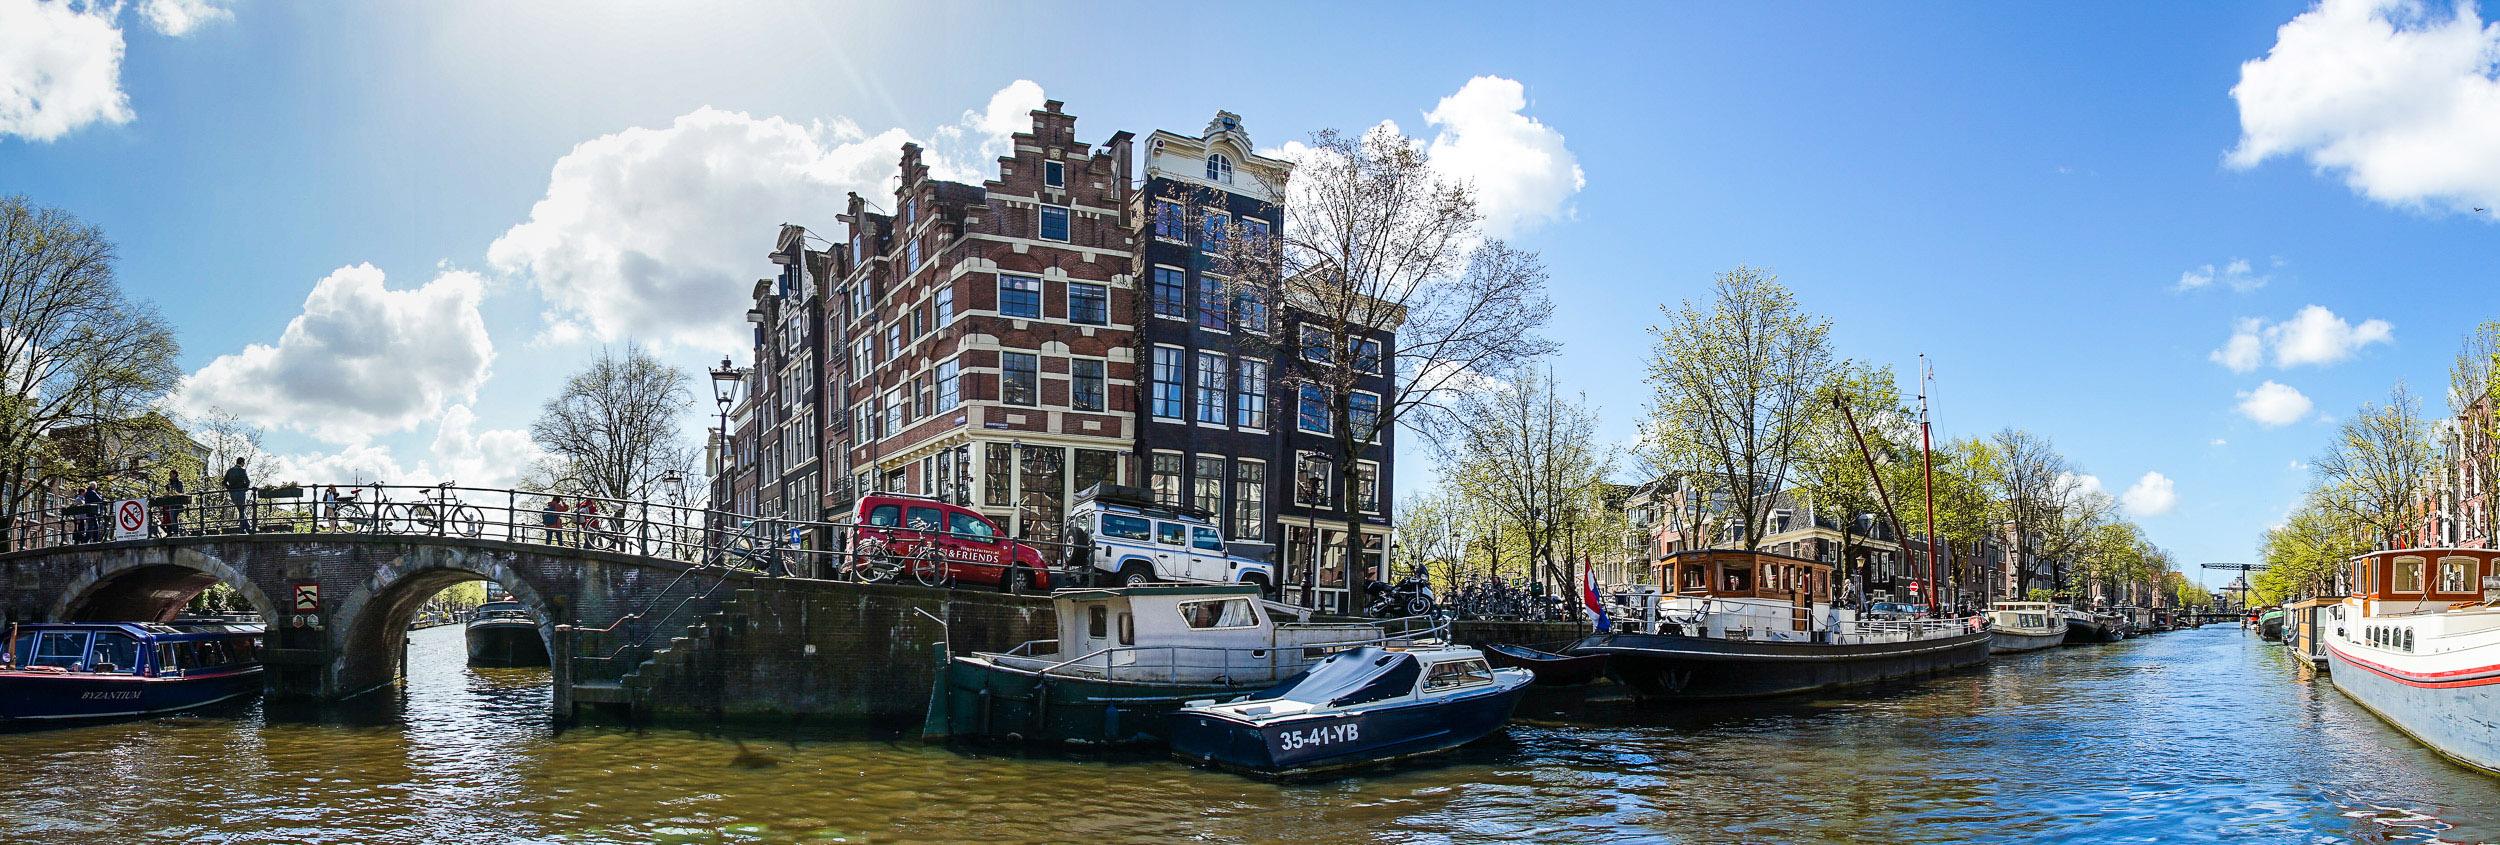 Brouwersgracht prinseneiland Amsterdam varen huren